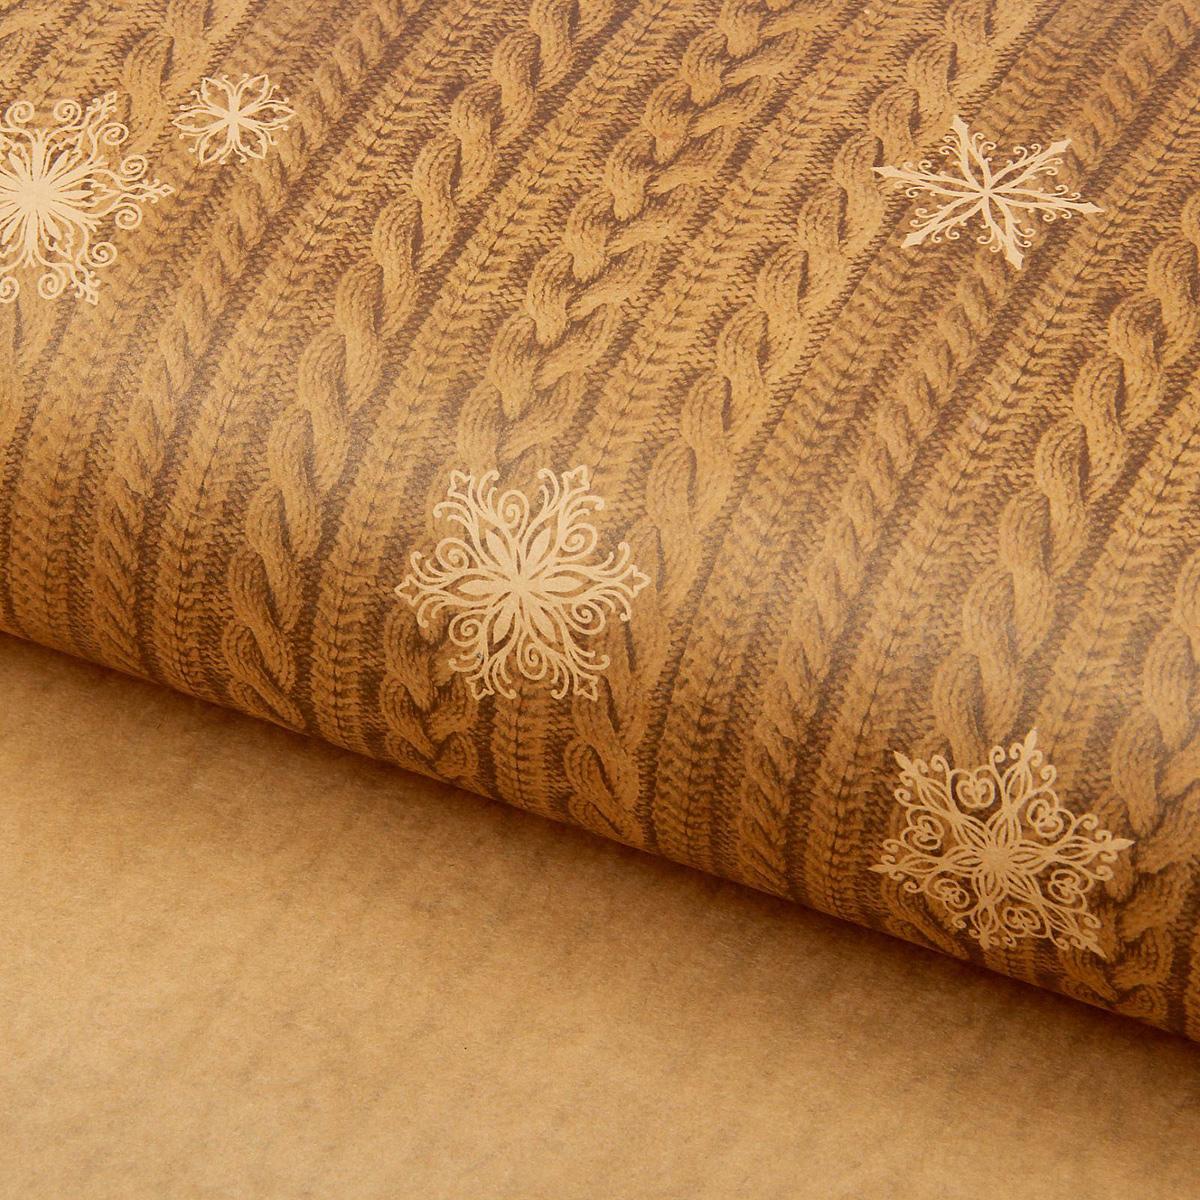 Бумага упаковочная Sima-land С Новым годом! Вязаный узор, крафт, 70 х 100 см1442997Это стильный и модный тренд в декоре и упаковке. Она универсальна в оформлении любой продукции и подарка и сделает даже обычный презент заметным, приятным и стильным.